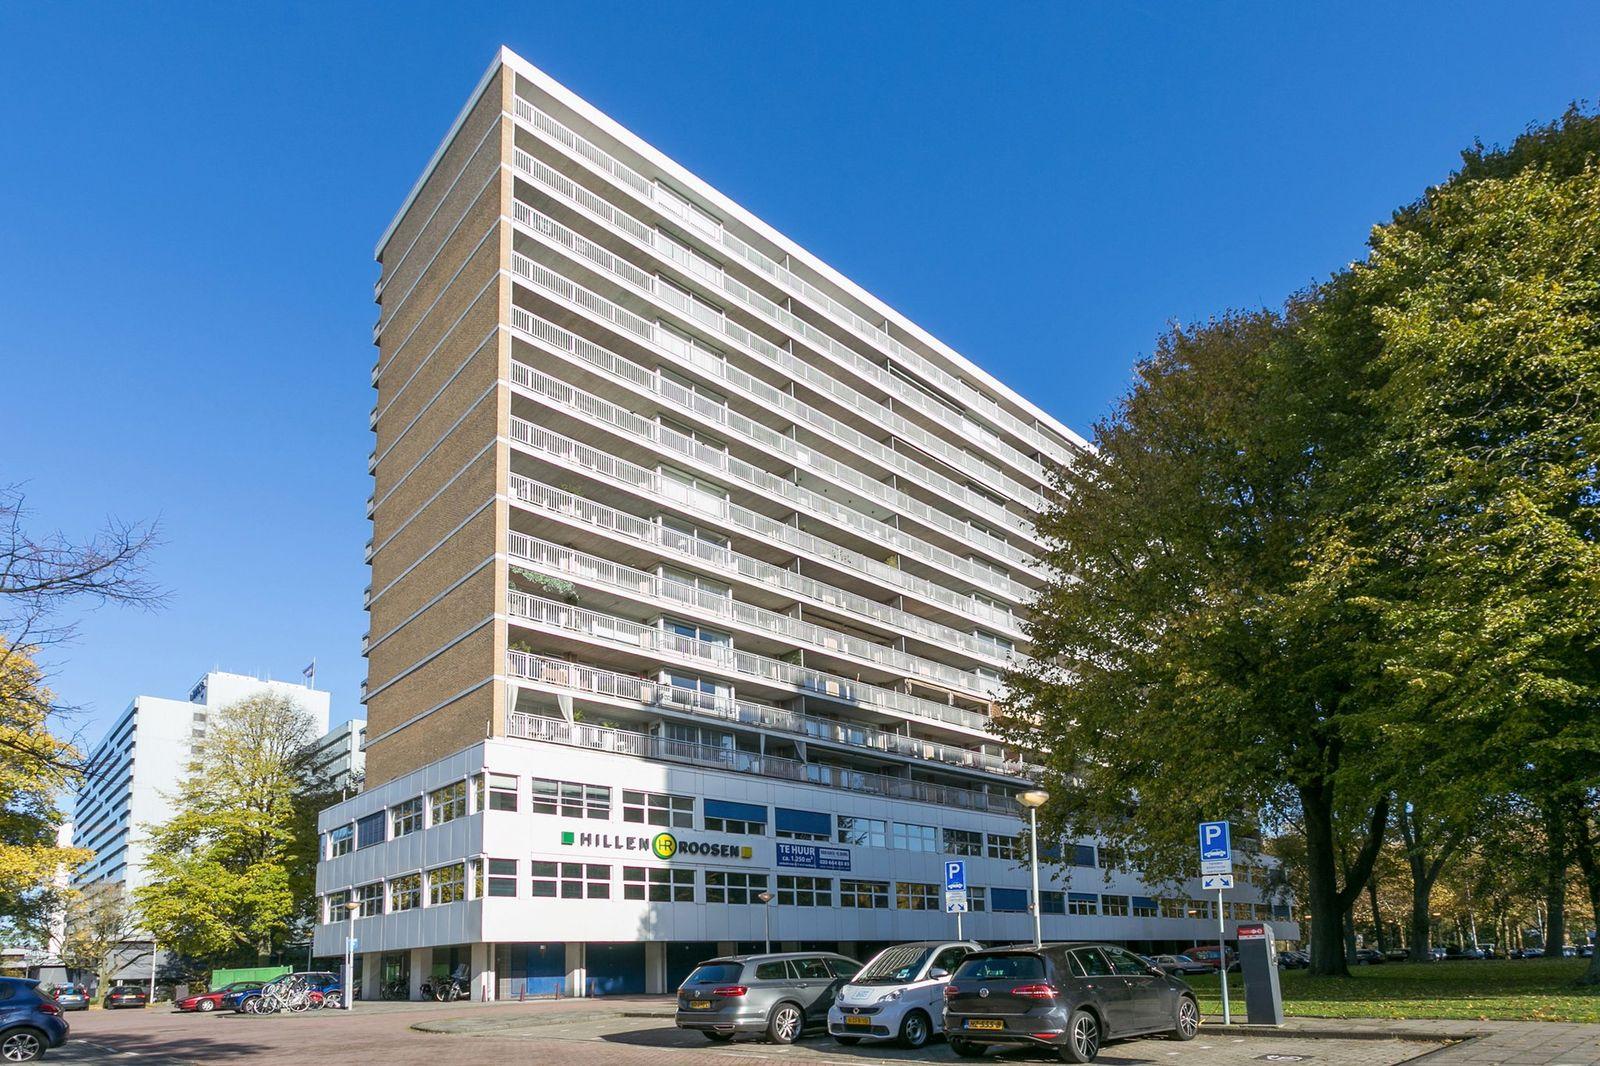 Mensinge, Amsterdam